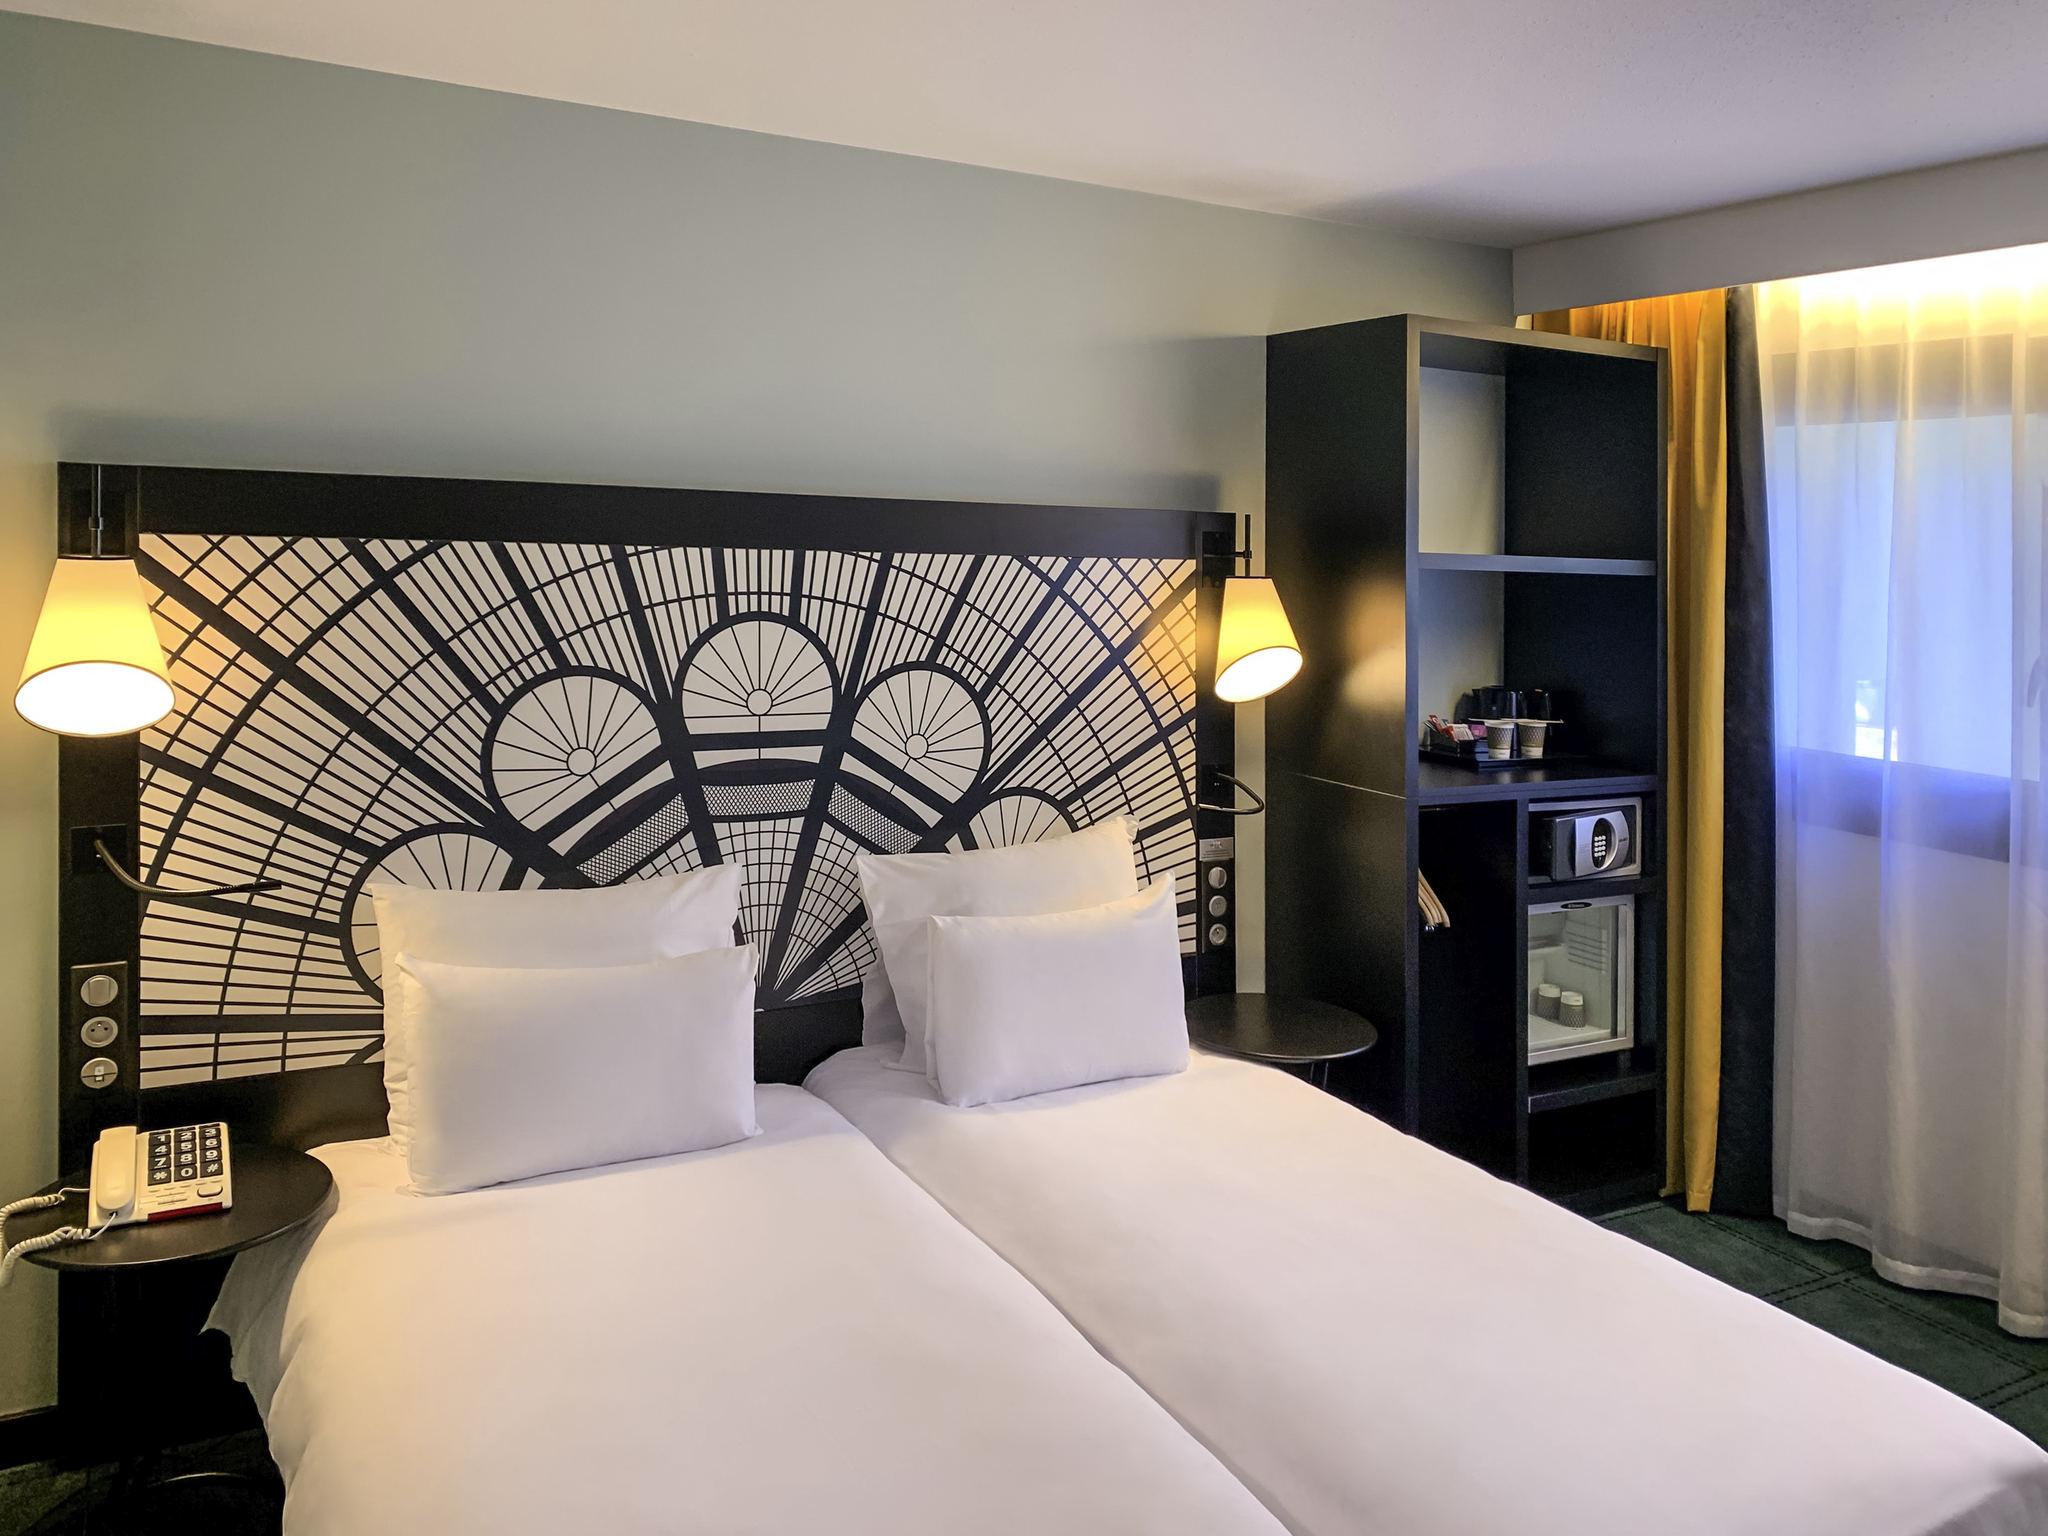 Hotel in vanves mercure paris porte de versailles expo hotel - Massage porte de versailles ...